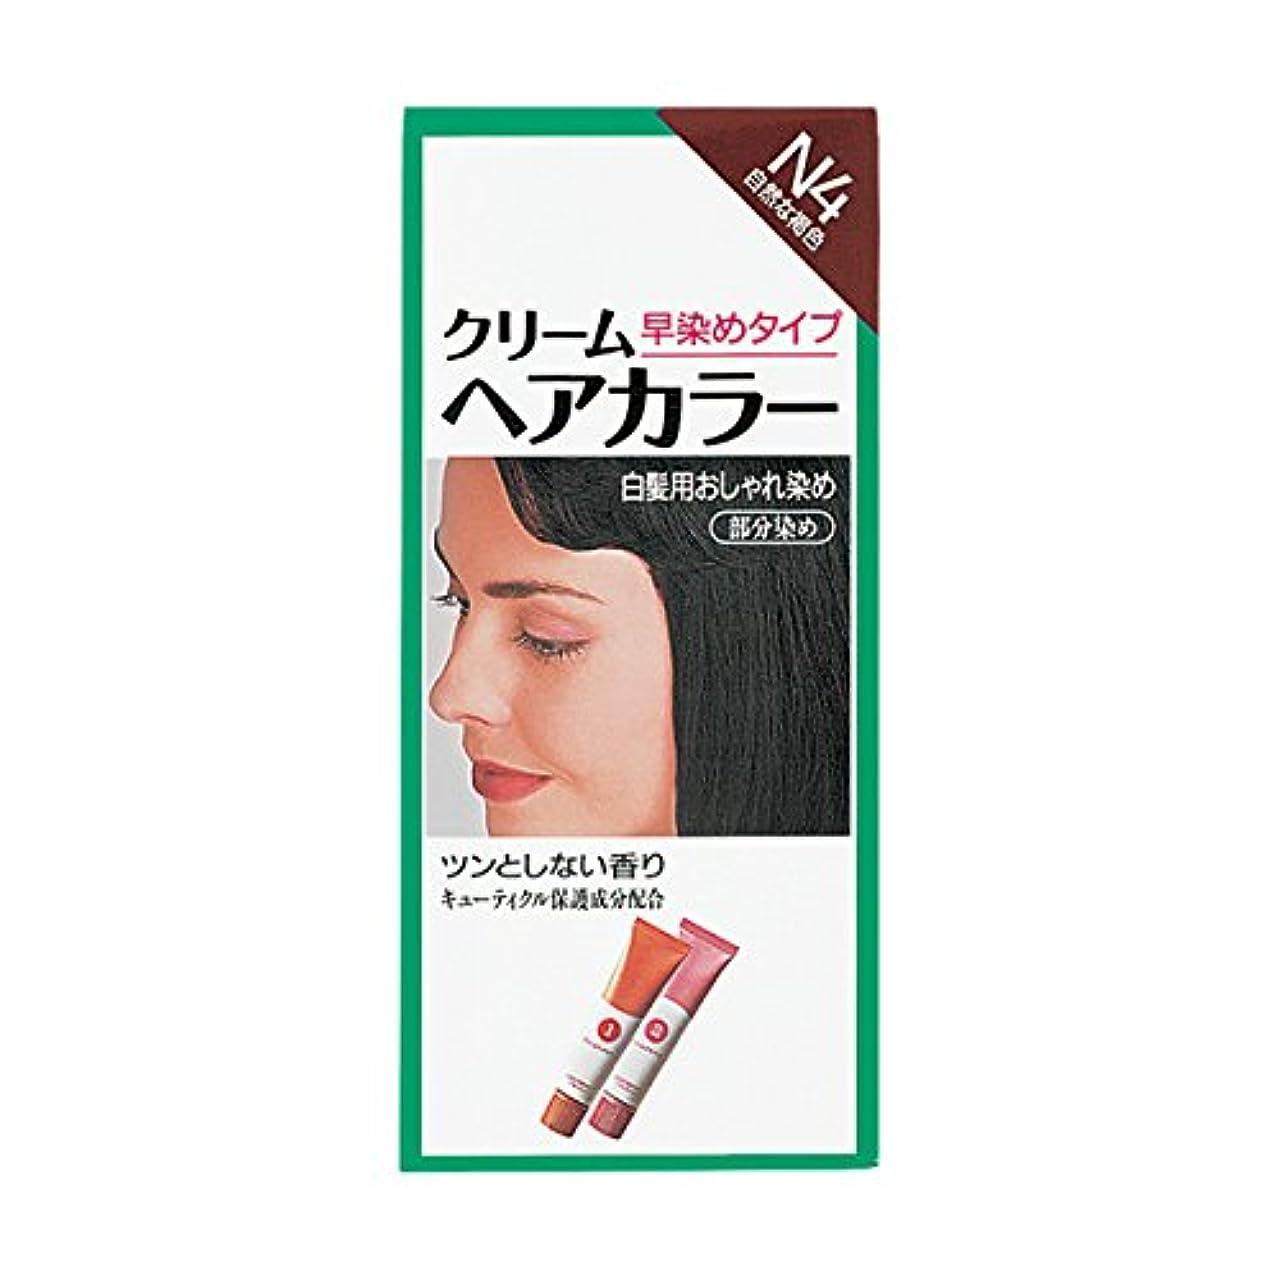 注釈出会いかなりのヘアカラー クリームヘアカラーN N4 【医薬部外品】